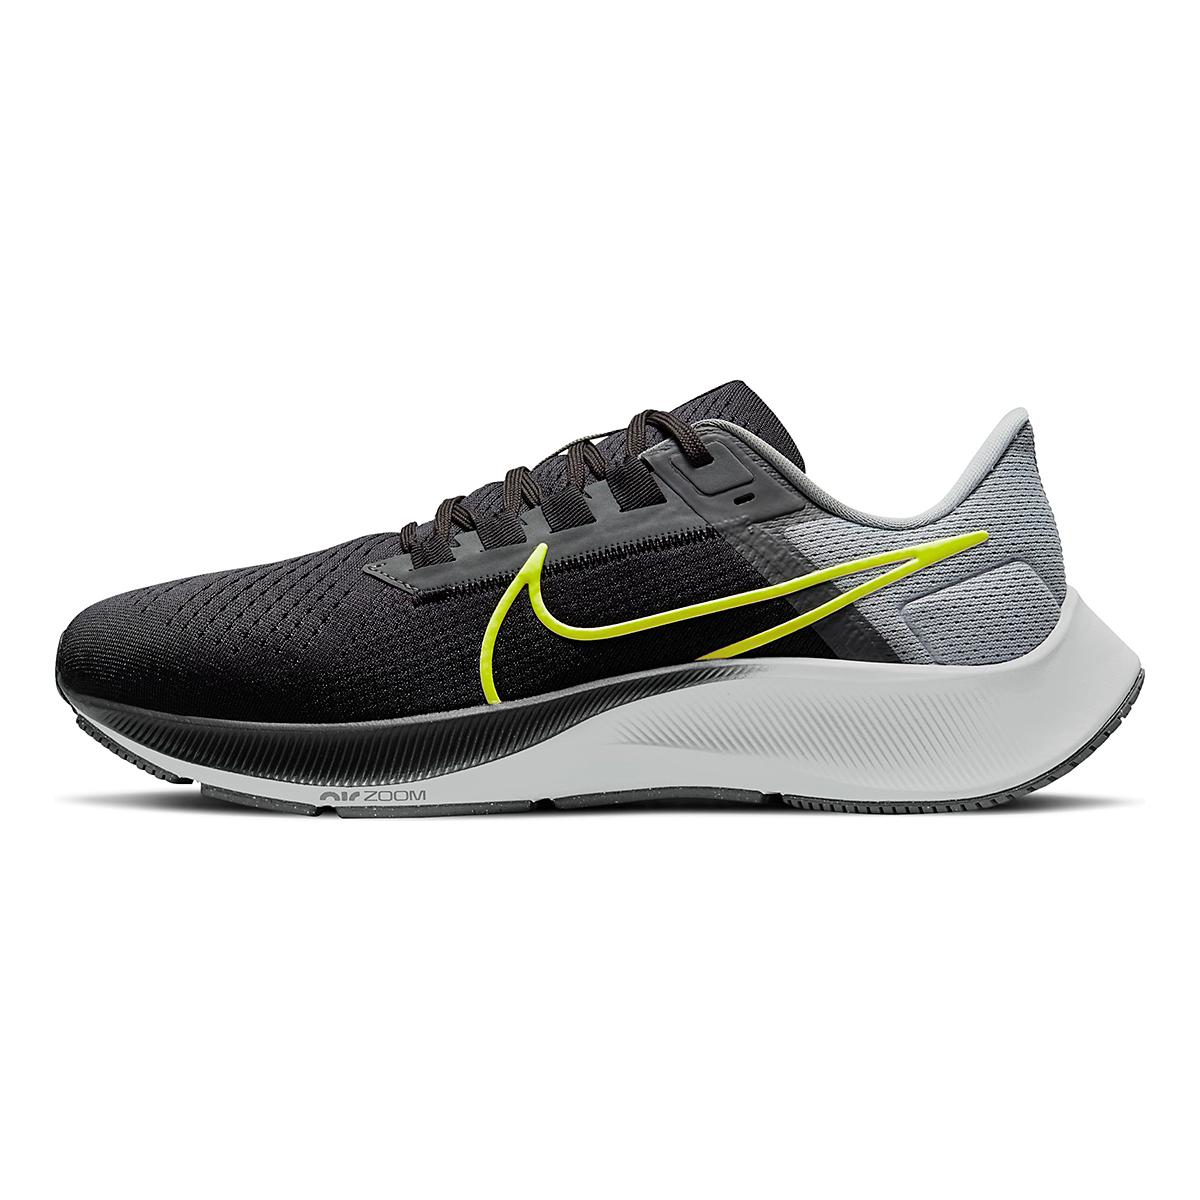 Men's Nike Air Zoom Pegasus 38 Running Shoe - Color: Smoke Grey/Volt Grey - Size: 6 - Width: Regular, Smoke Grey/Volt Grey, large, image 2